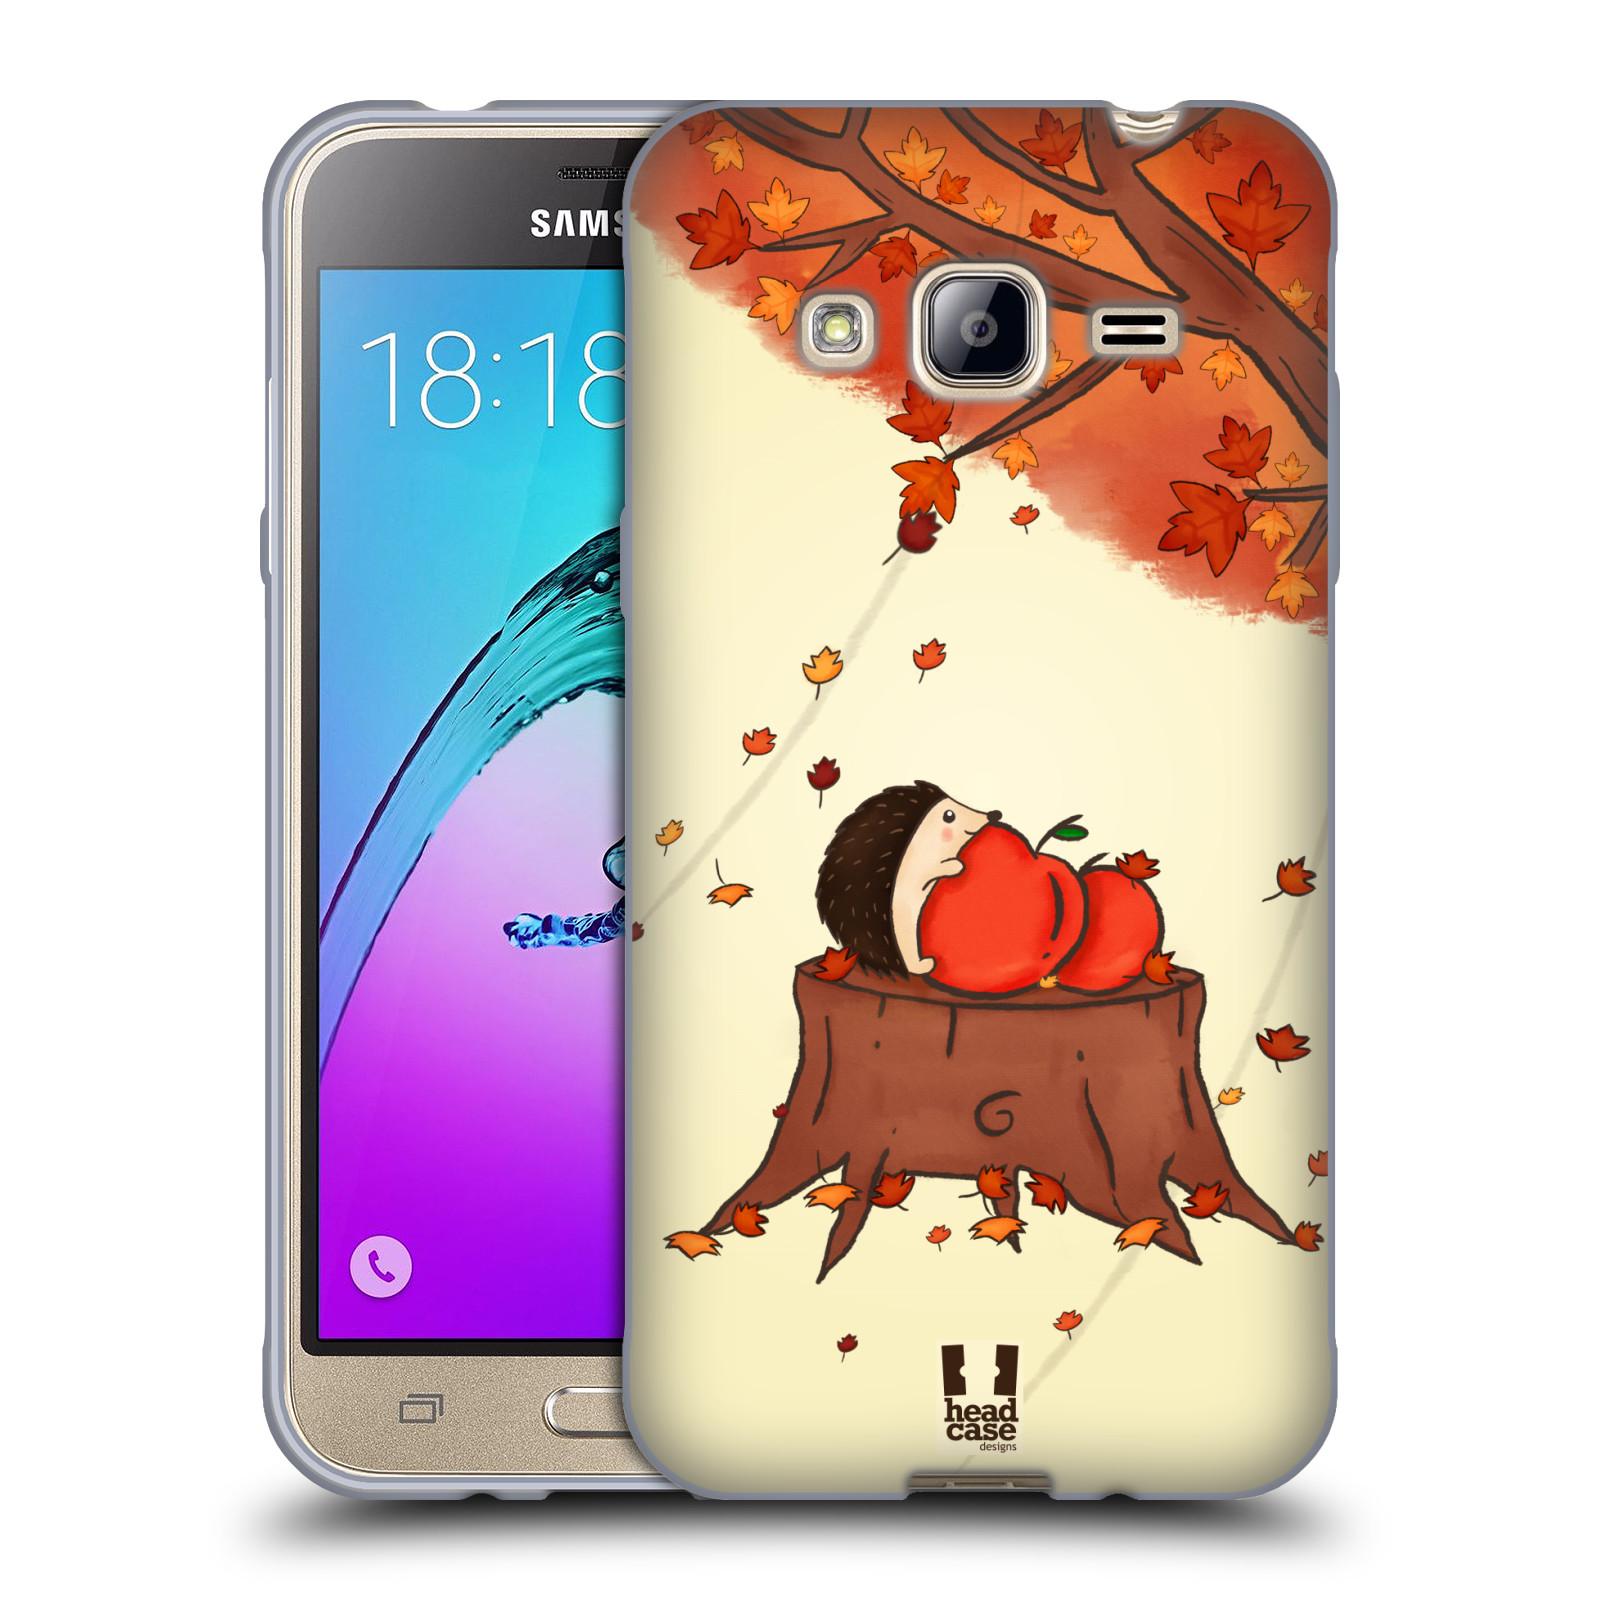 HEAD CASE silikonový obal na mobil Samsung Galaxy J3, J3 2016 vzor podzimní zvířátka ježek a jablíčka